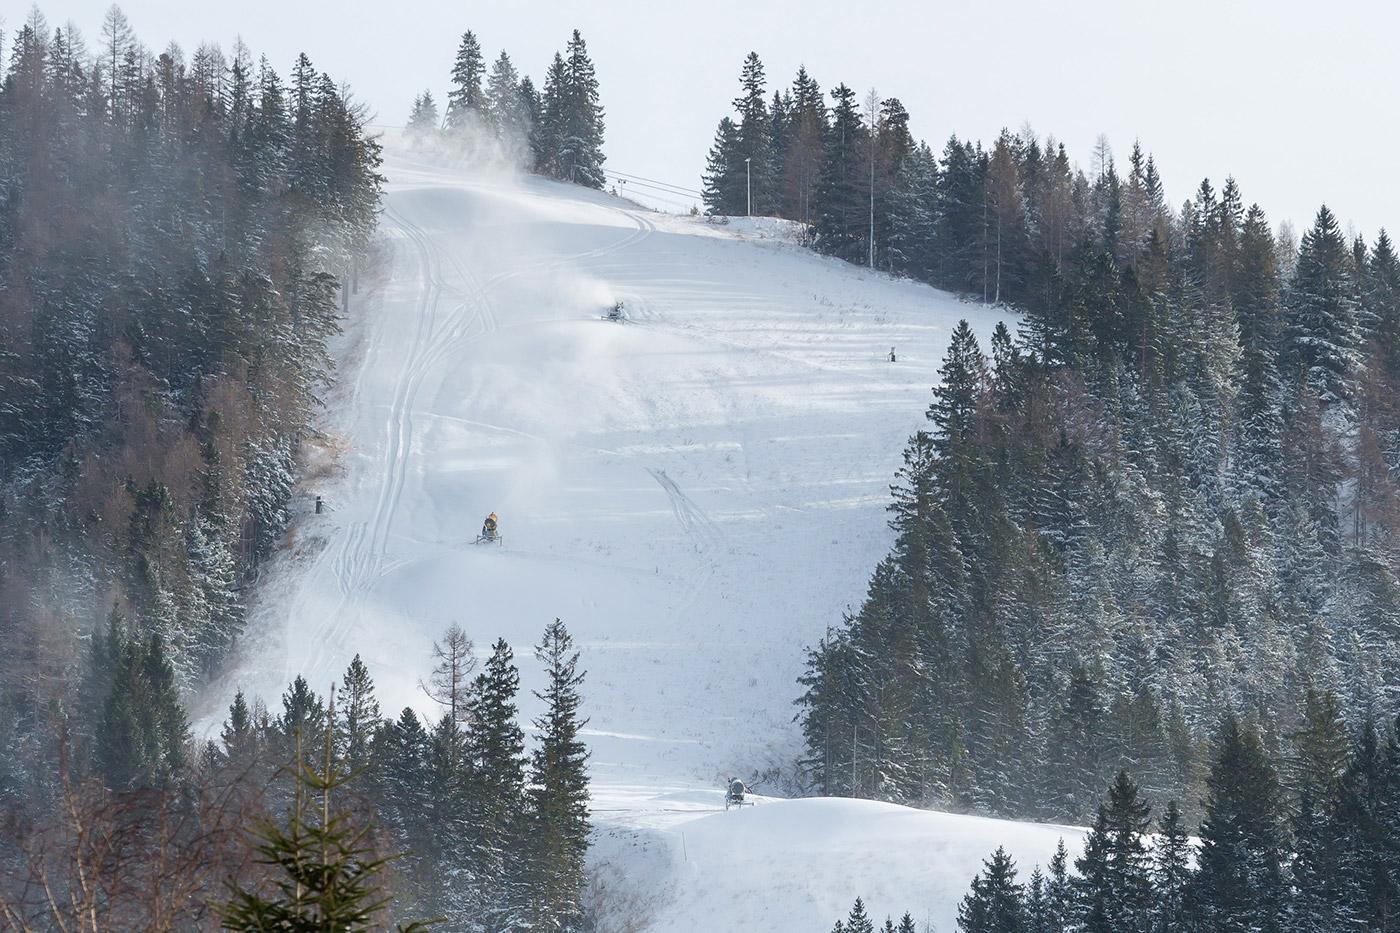 Mariazell-Schnee-Winter-Familienabfahrt-Schneekanonen_0738